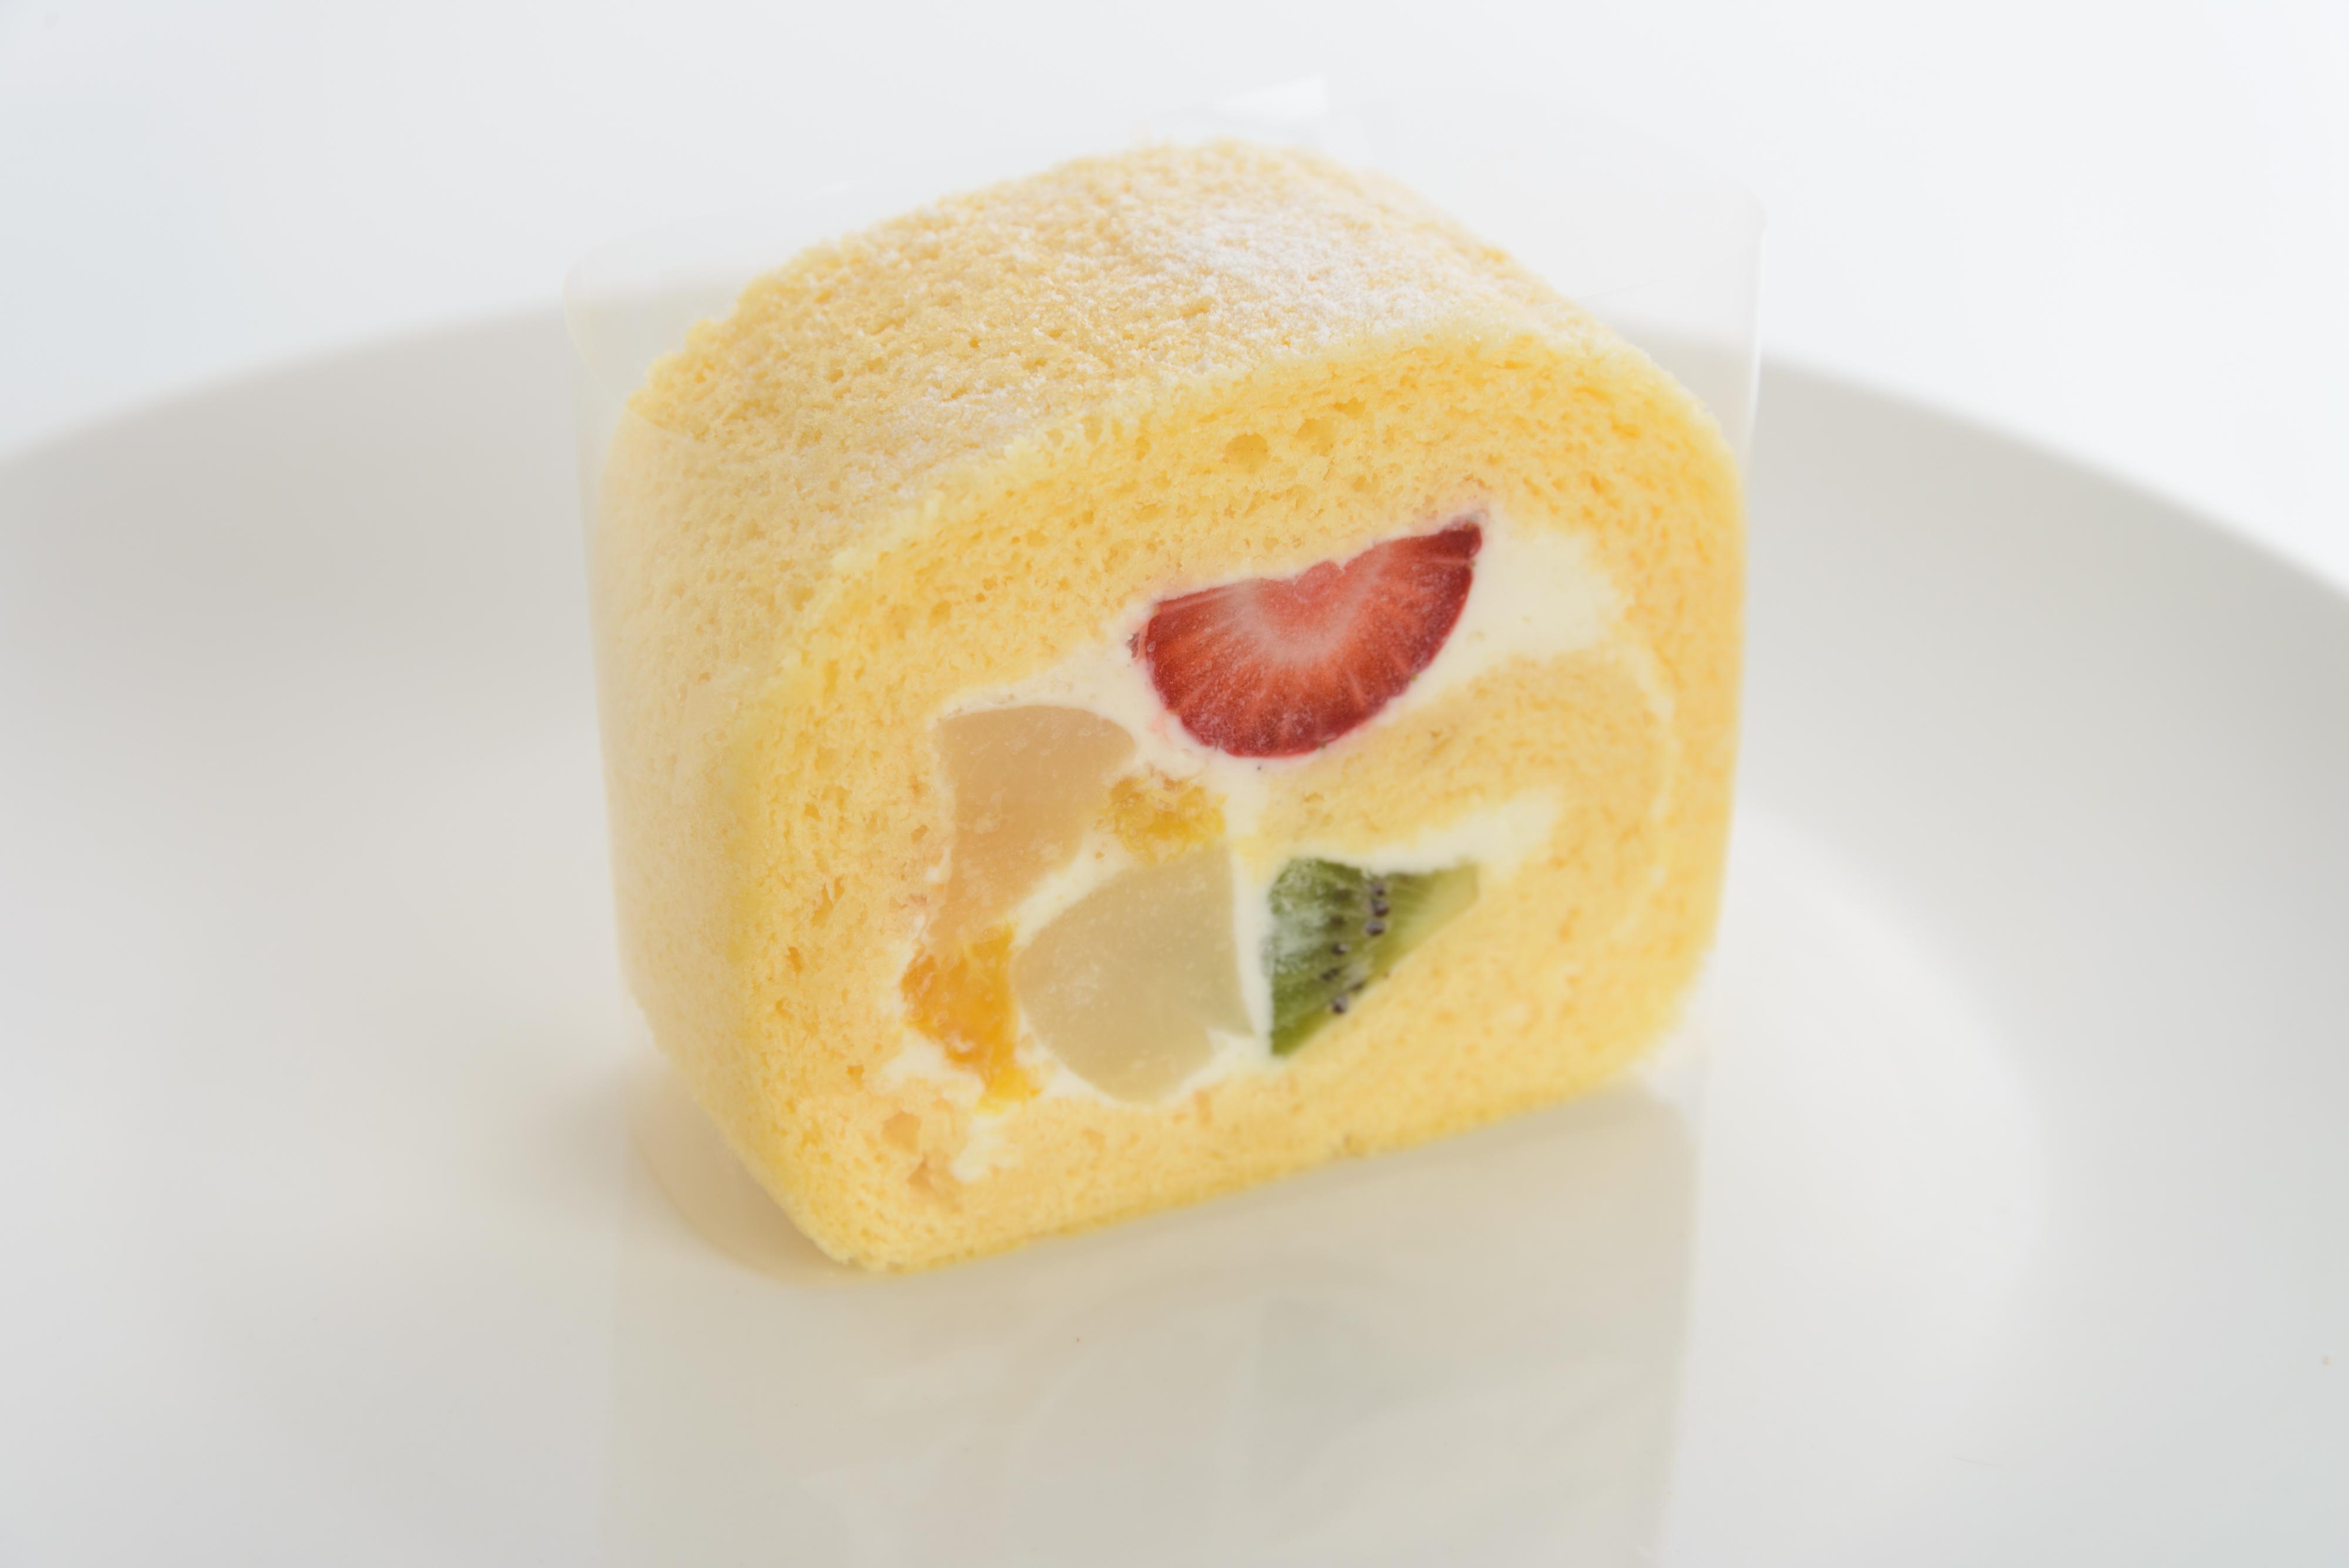 <H1>フルーツロール</H1> 370円/五種類のフルーツをふわふわスポンジとこくのあるクリームで巻きました。おすすめ・人気のケーキです。